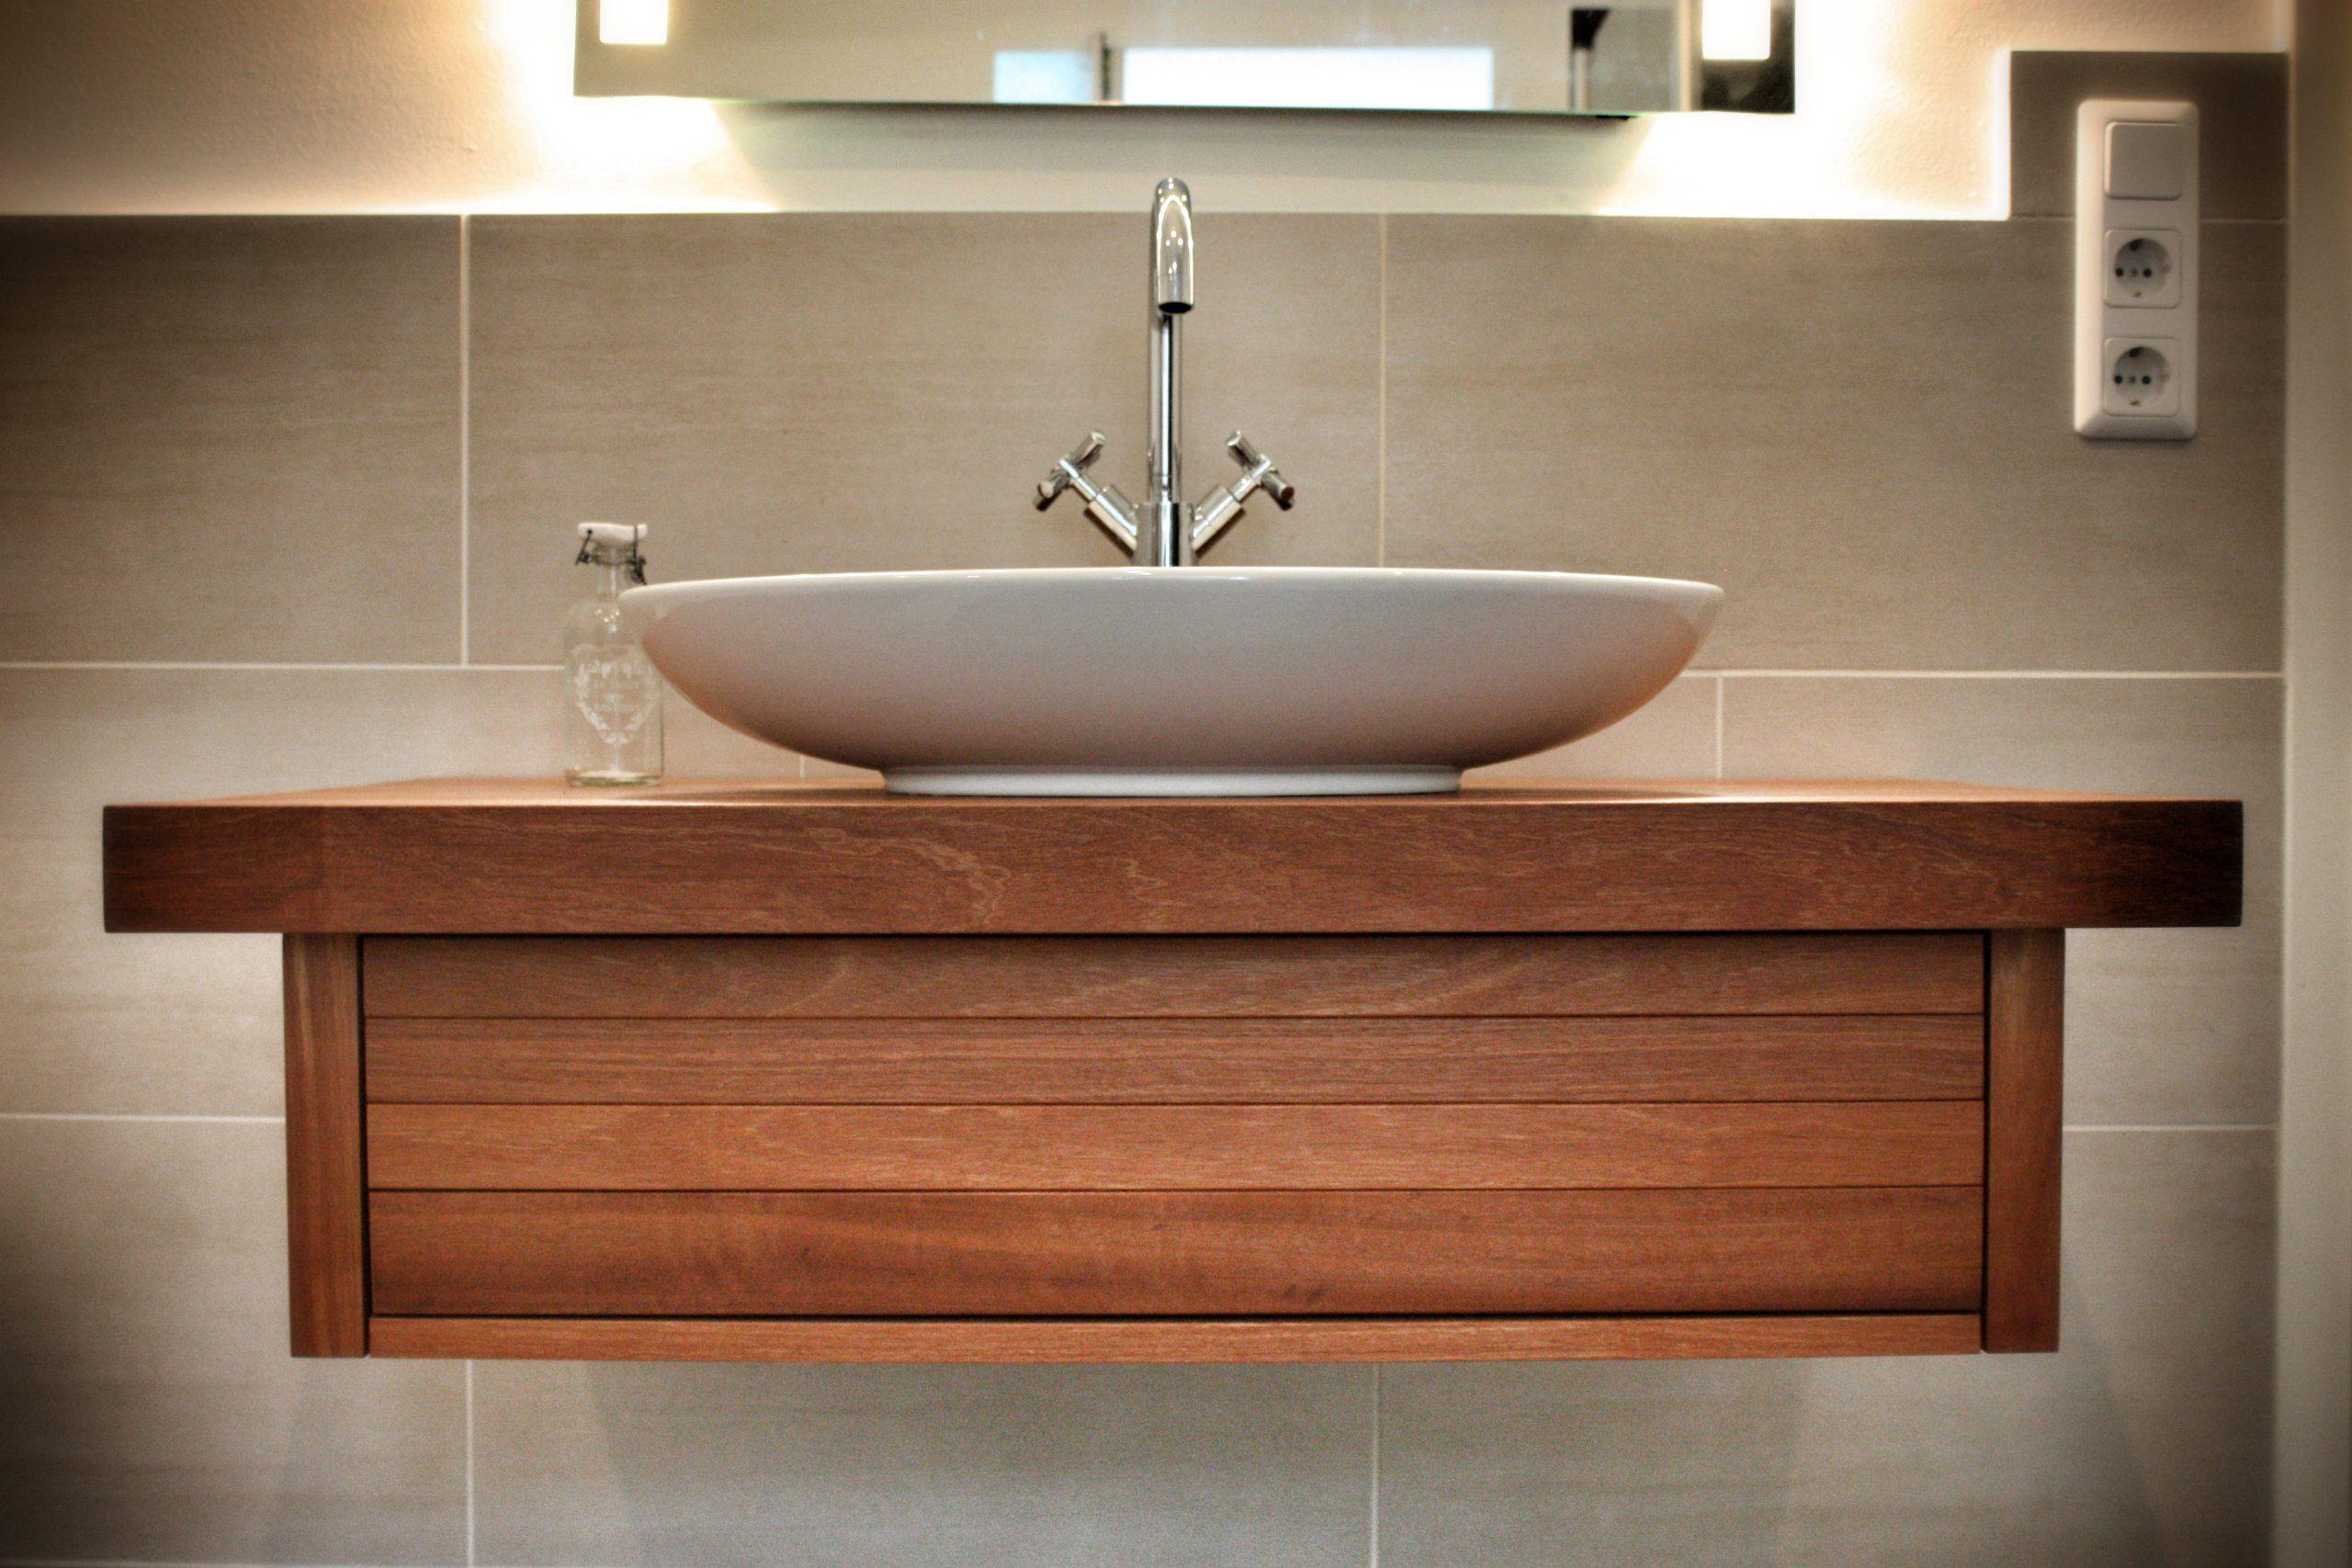 Schon Waschbeckenunterschrank Holz Waschbeckenunterschrank Bad Unterschrank Holz Badezimmer Unterschrank Holz